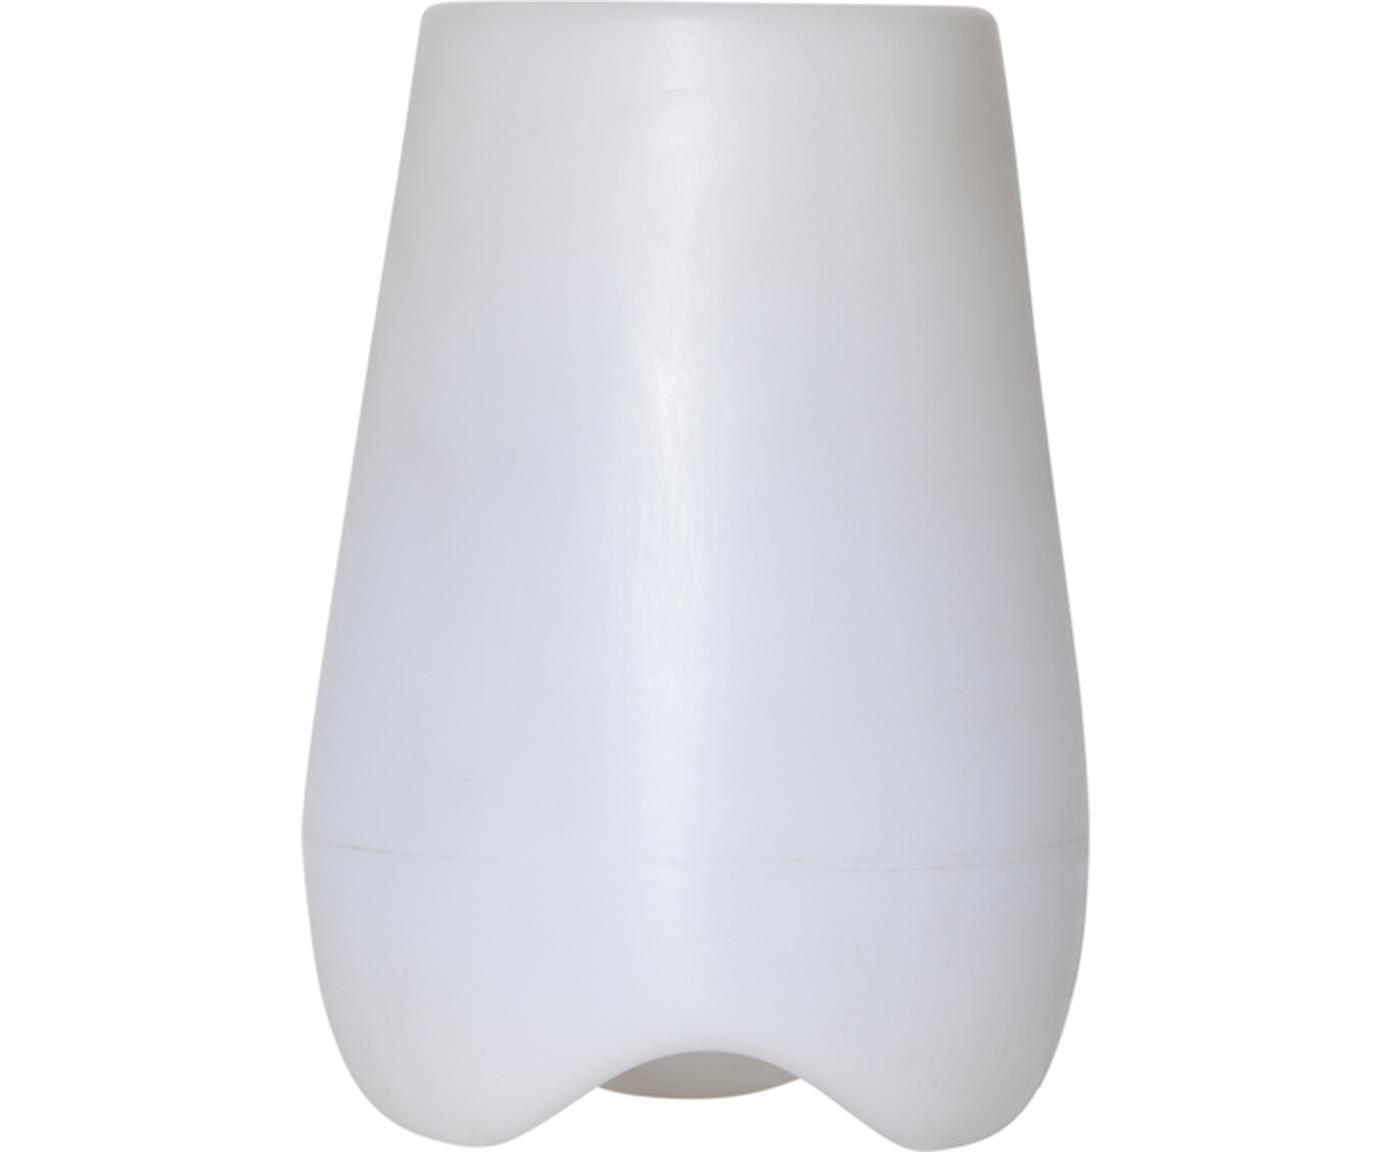 LED Aussenleuchte Twilights mit Blumentopf, Kunststoff, Weiss, Ø 28 x H 40 cm